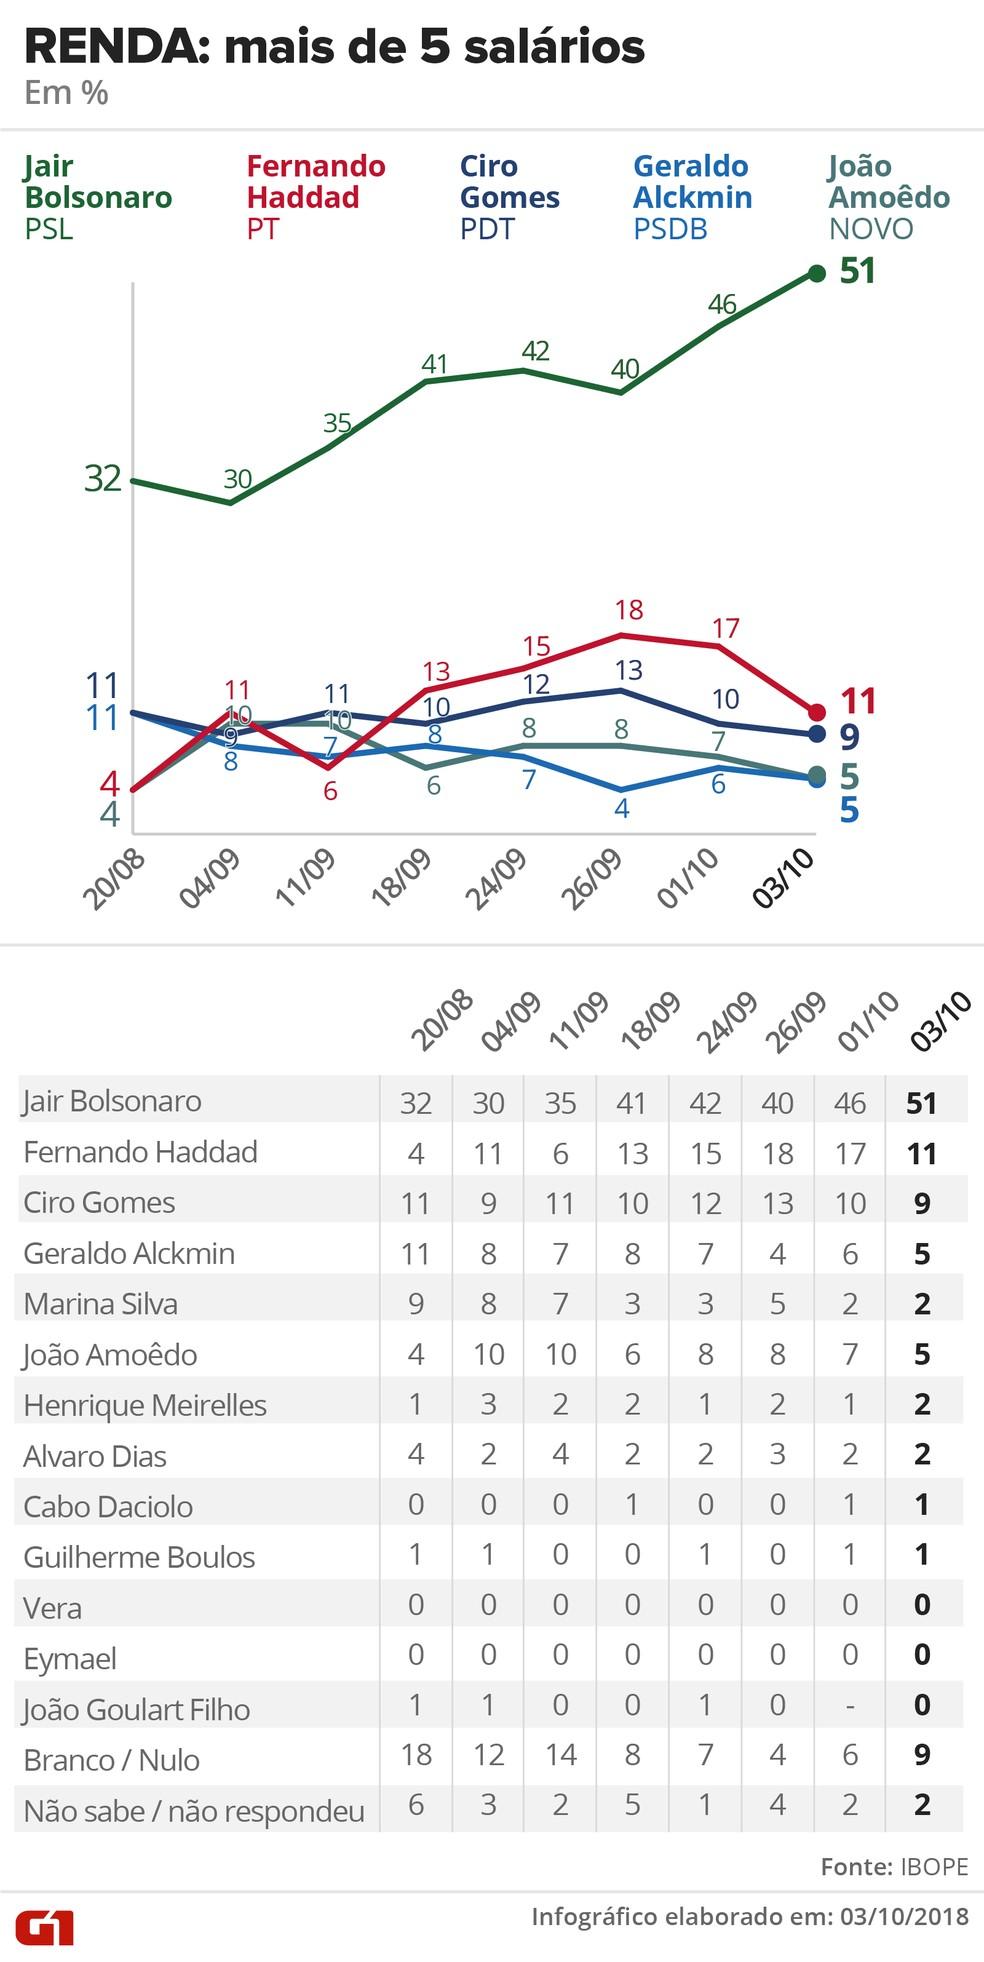 Pesquisa Ibope - 3 de outubro de 2018 - intenção de voto entre eleitores que ganham mais de 5 salários — Foto: Arte/G1